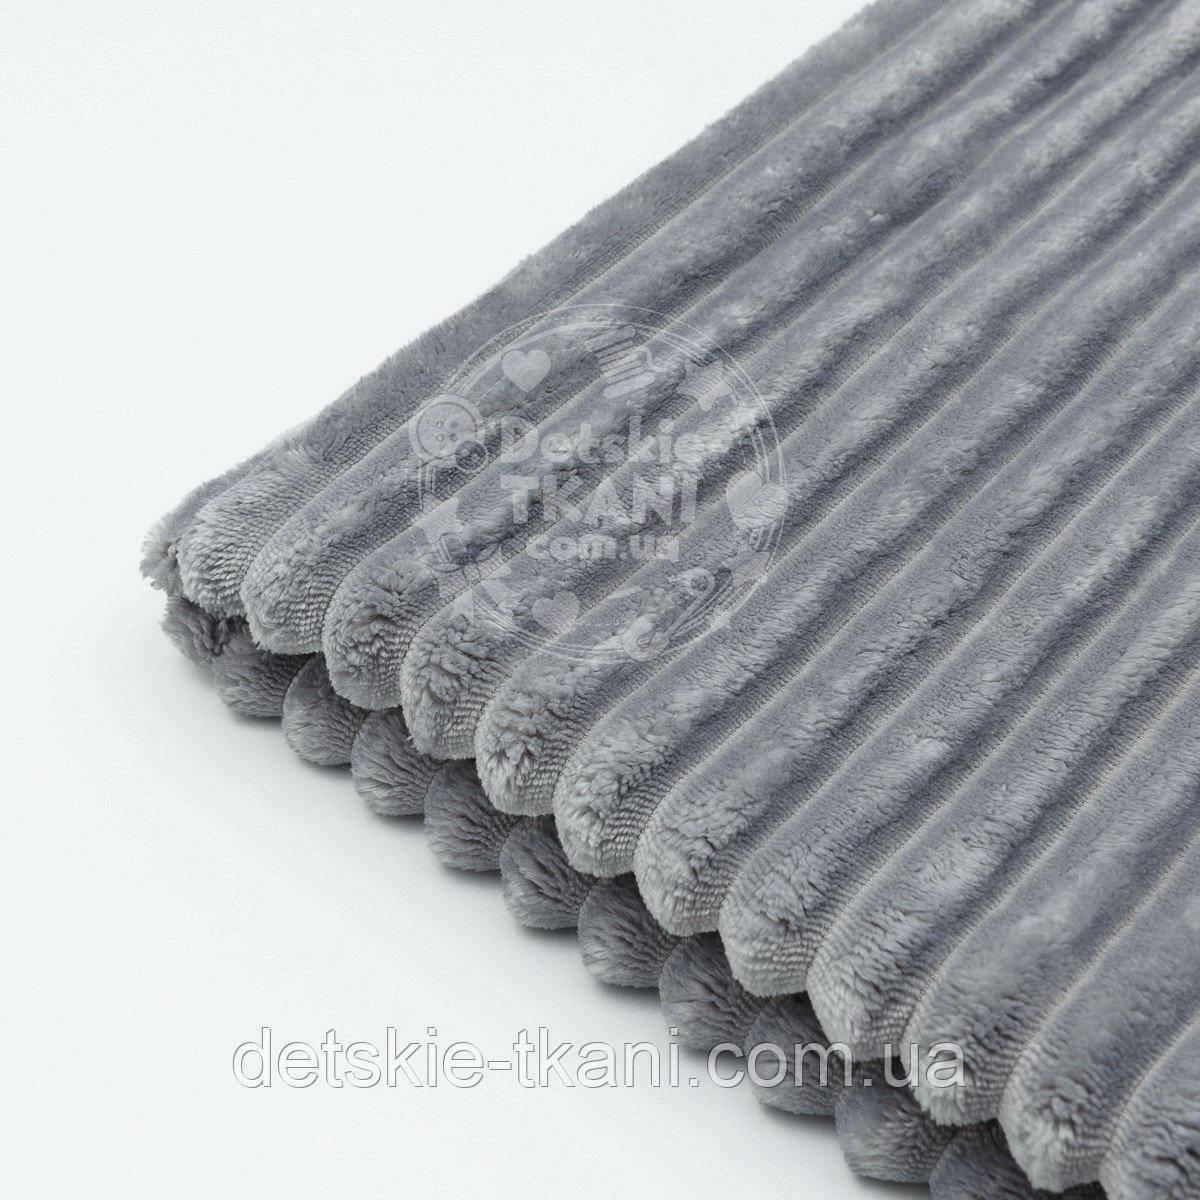 Два лоскута плюша в полоску stripes средне-серого цвета, размер 30*100, 30*40 см